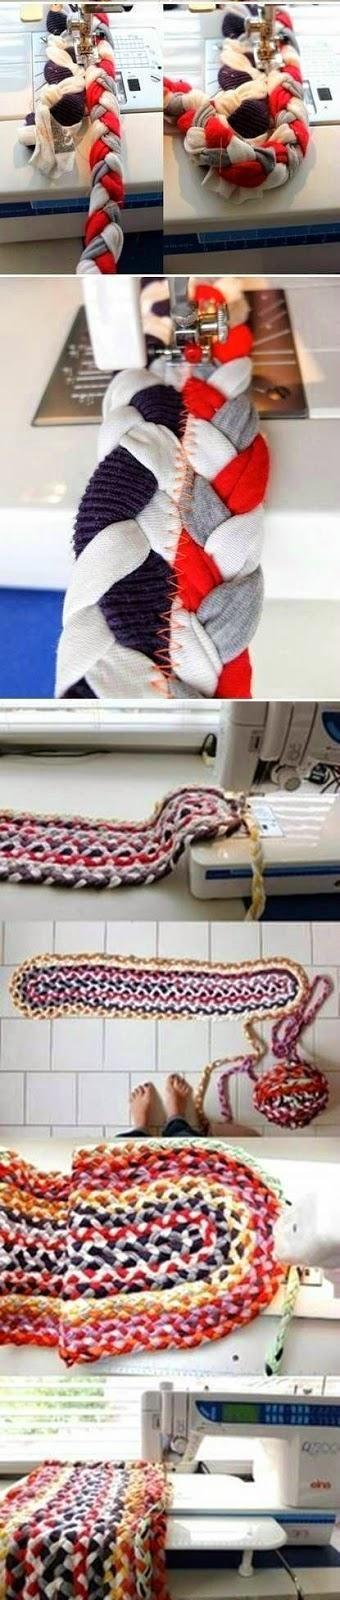 Tappeti fai da te - Come fare tappeti riciclando vecchie magliette